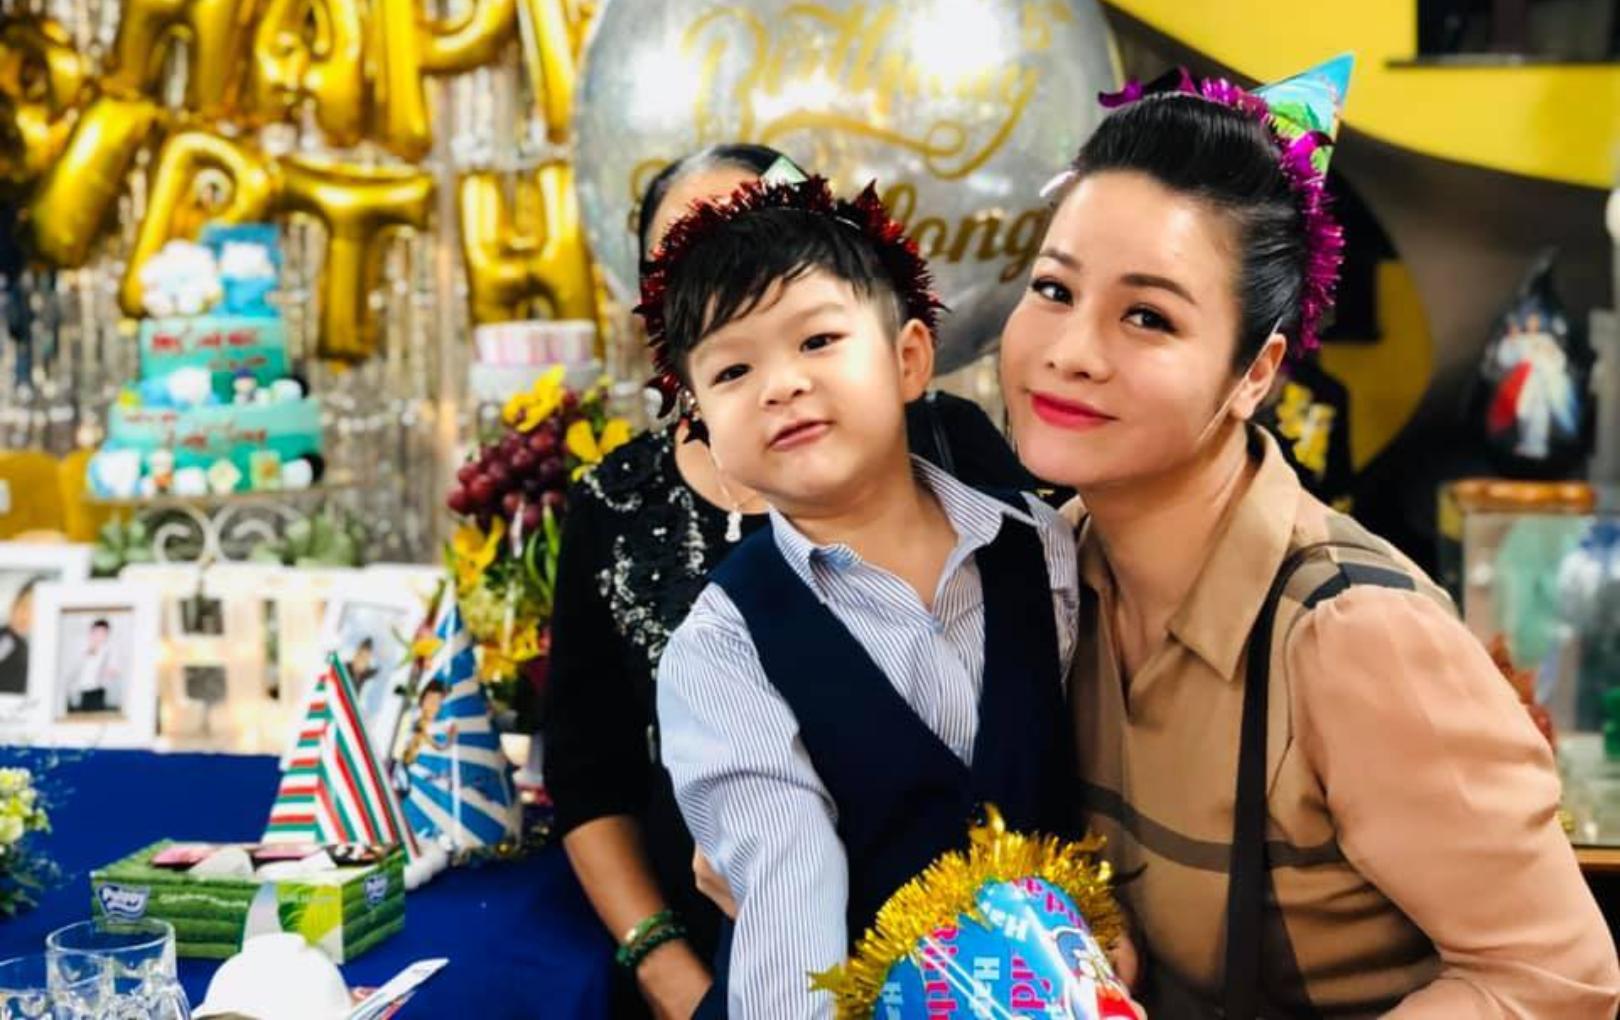 """Bị chồng cũ cản trở gặp con, Nhật Kim Anh uất ức: """"Anh đừng ích kỷ nhỏ nhen đến vậy"""""""